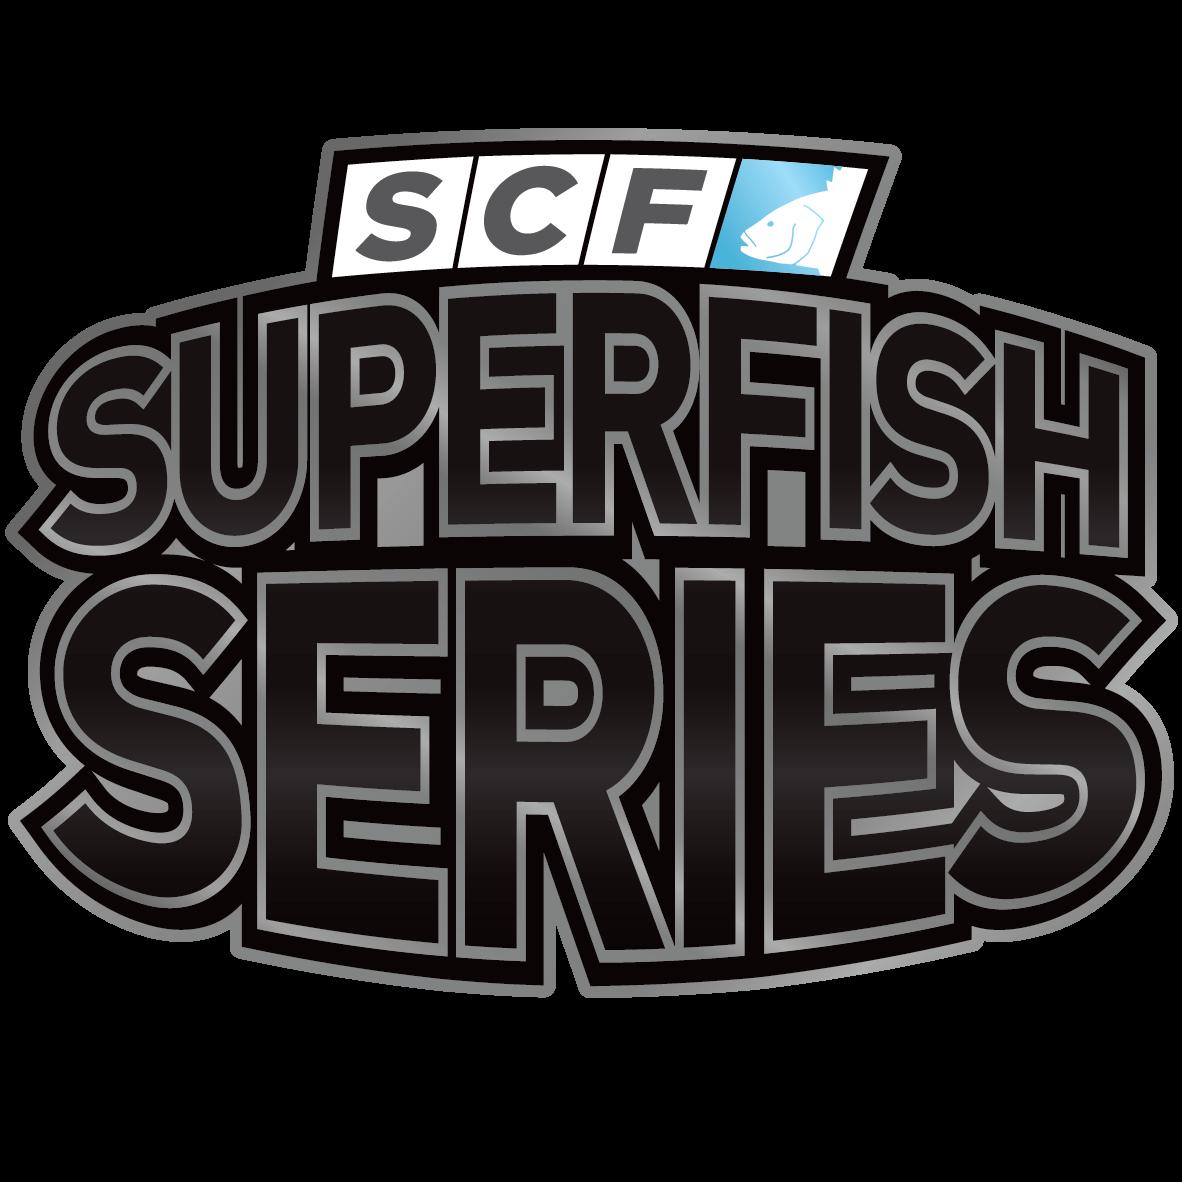 scf-superfish_logoblackbg_blackbg.png